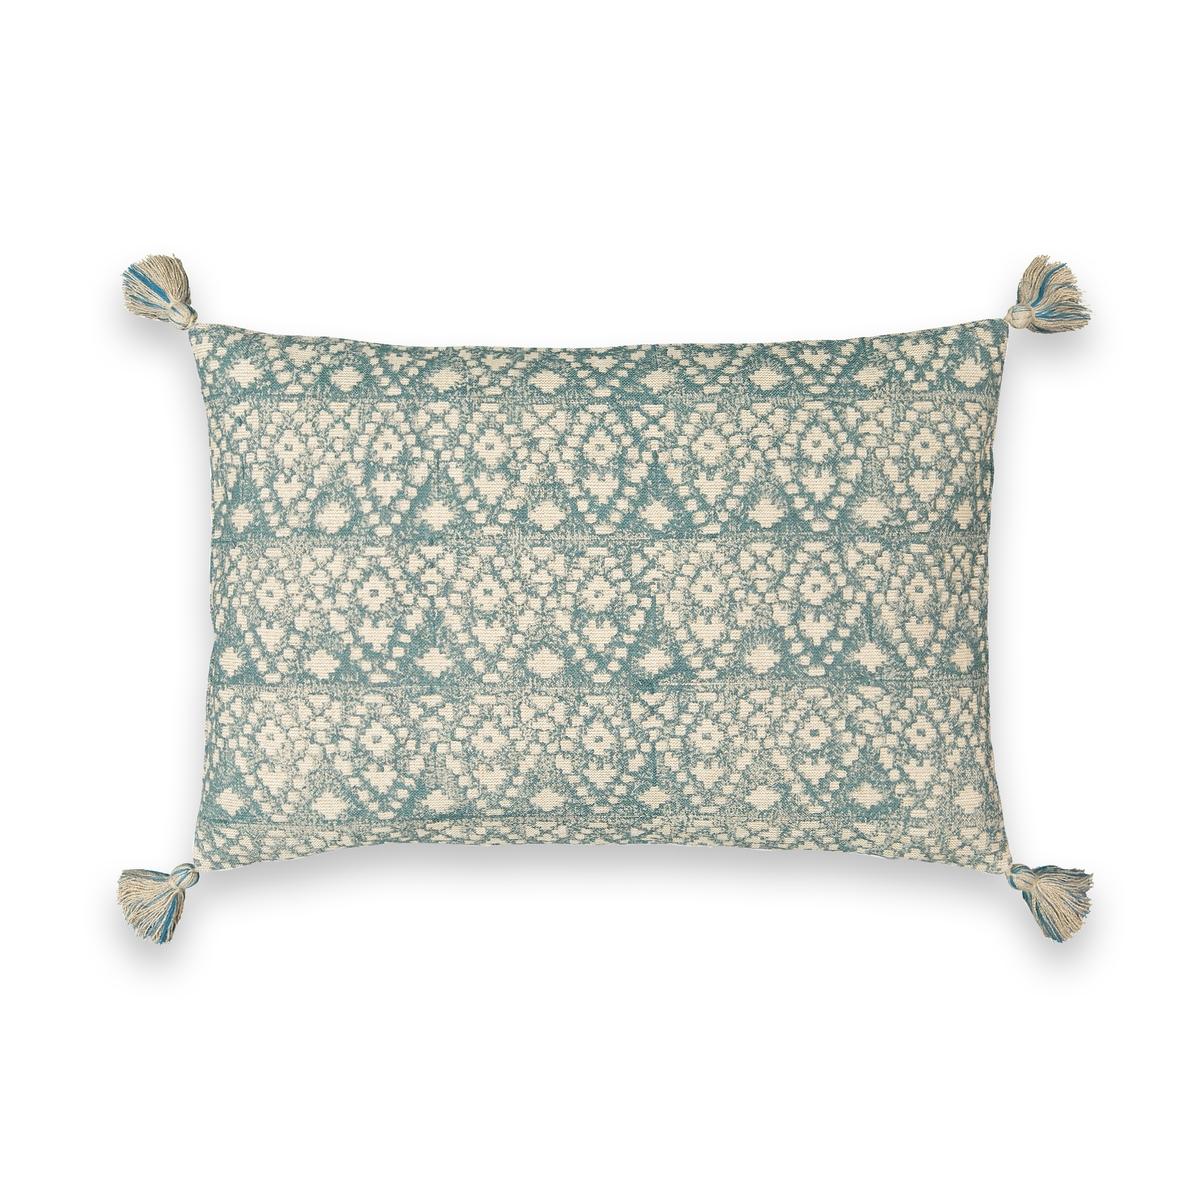 Чехол La Redoute На подушку с рисунком икат Kumba 60 x 40 см бежевый чехол навололчка la redoute aeri 40 x 40 см бежевый